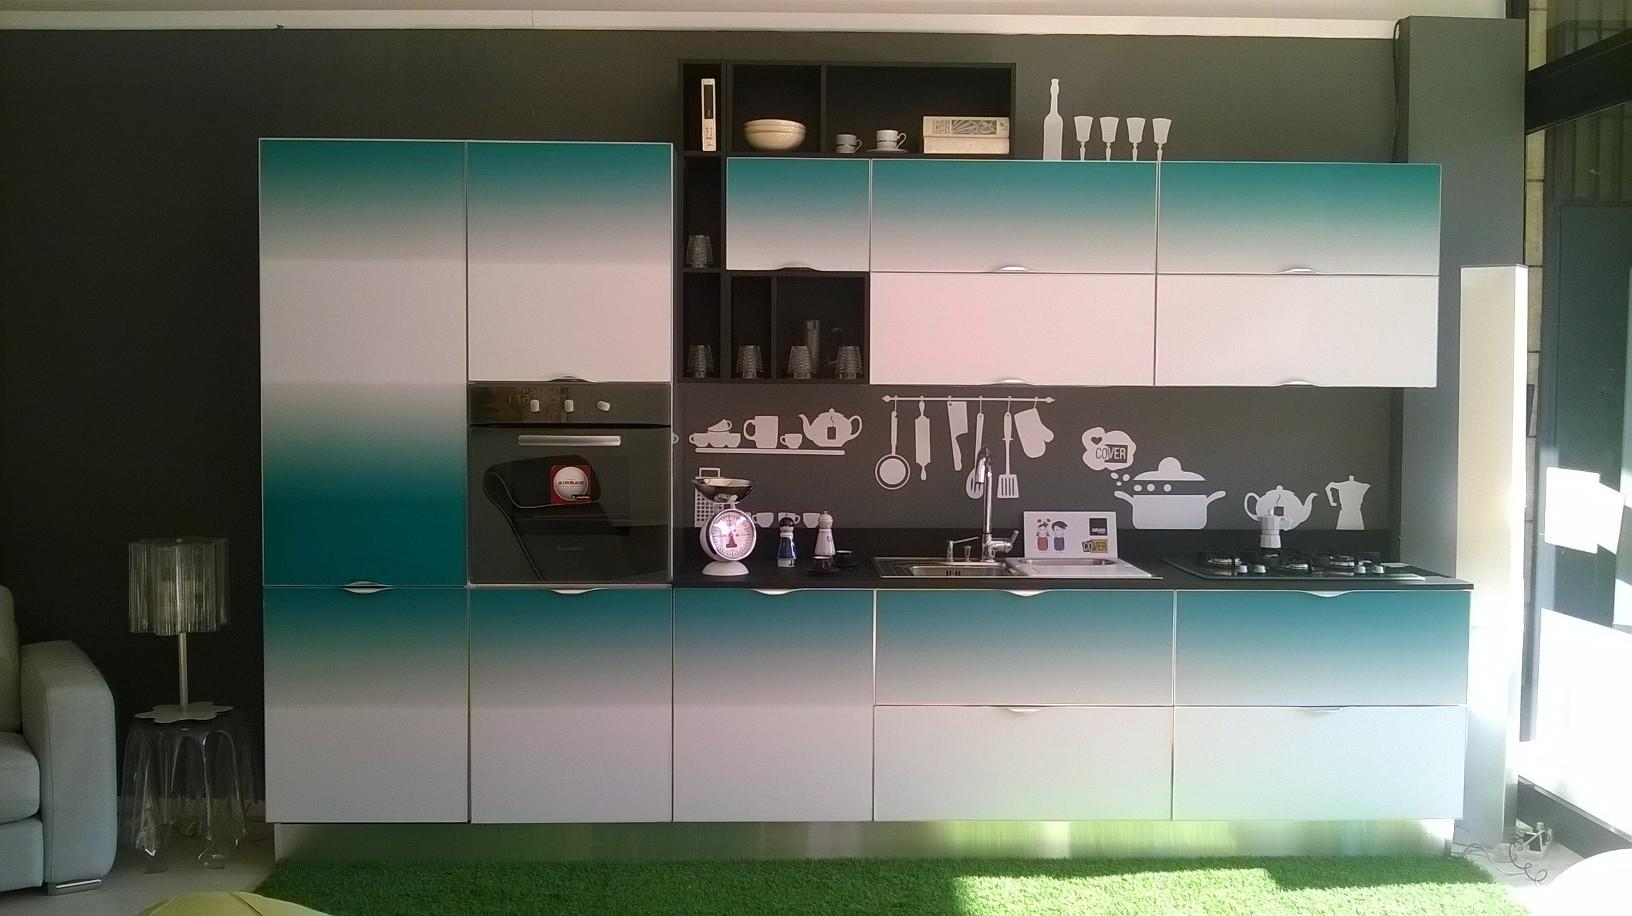 Cucina aran cover con frontali magnetici intercambiabili cucine a prezzi scontati - Aran cucine opinioni ...